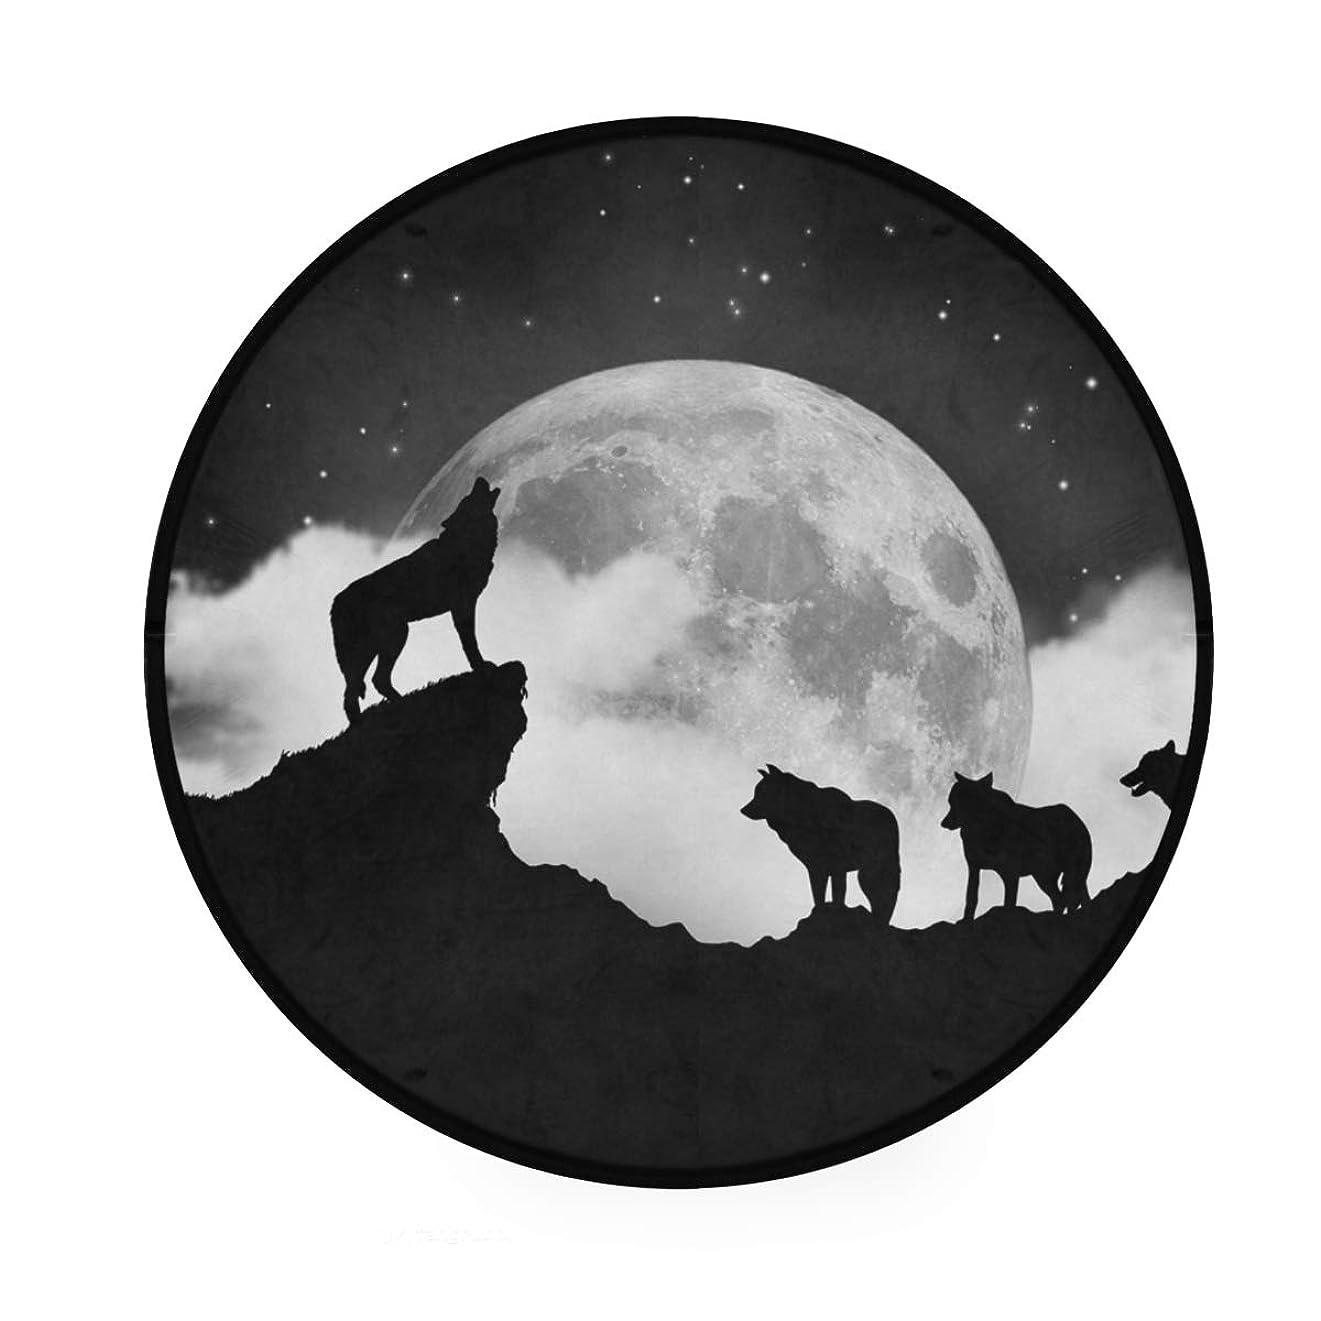 マーティフィールディングモンゴメリー言い訳カオリヤ フロアマット オオカミ柄 狼柄 直径92cm 円形 ブラック センターラグ 床マット チェアマット インテリアマット 滑り止め 室内